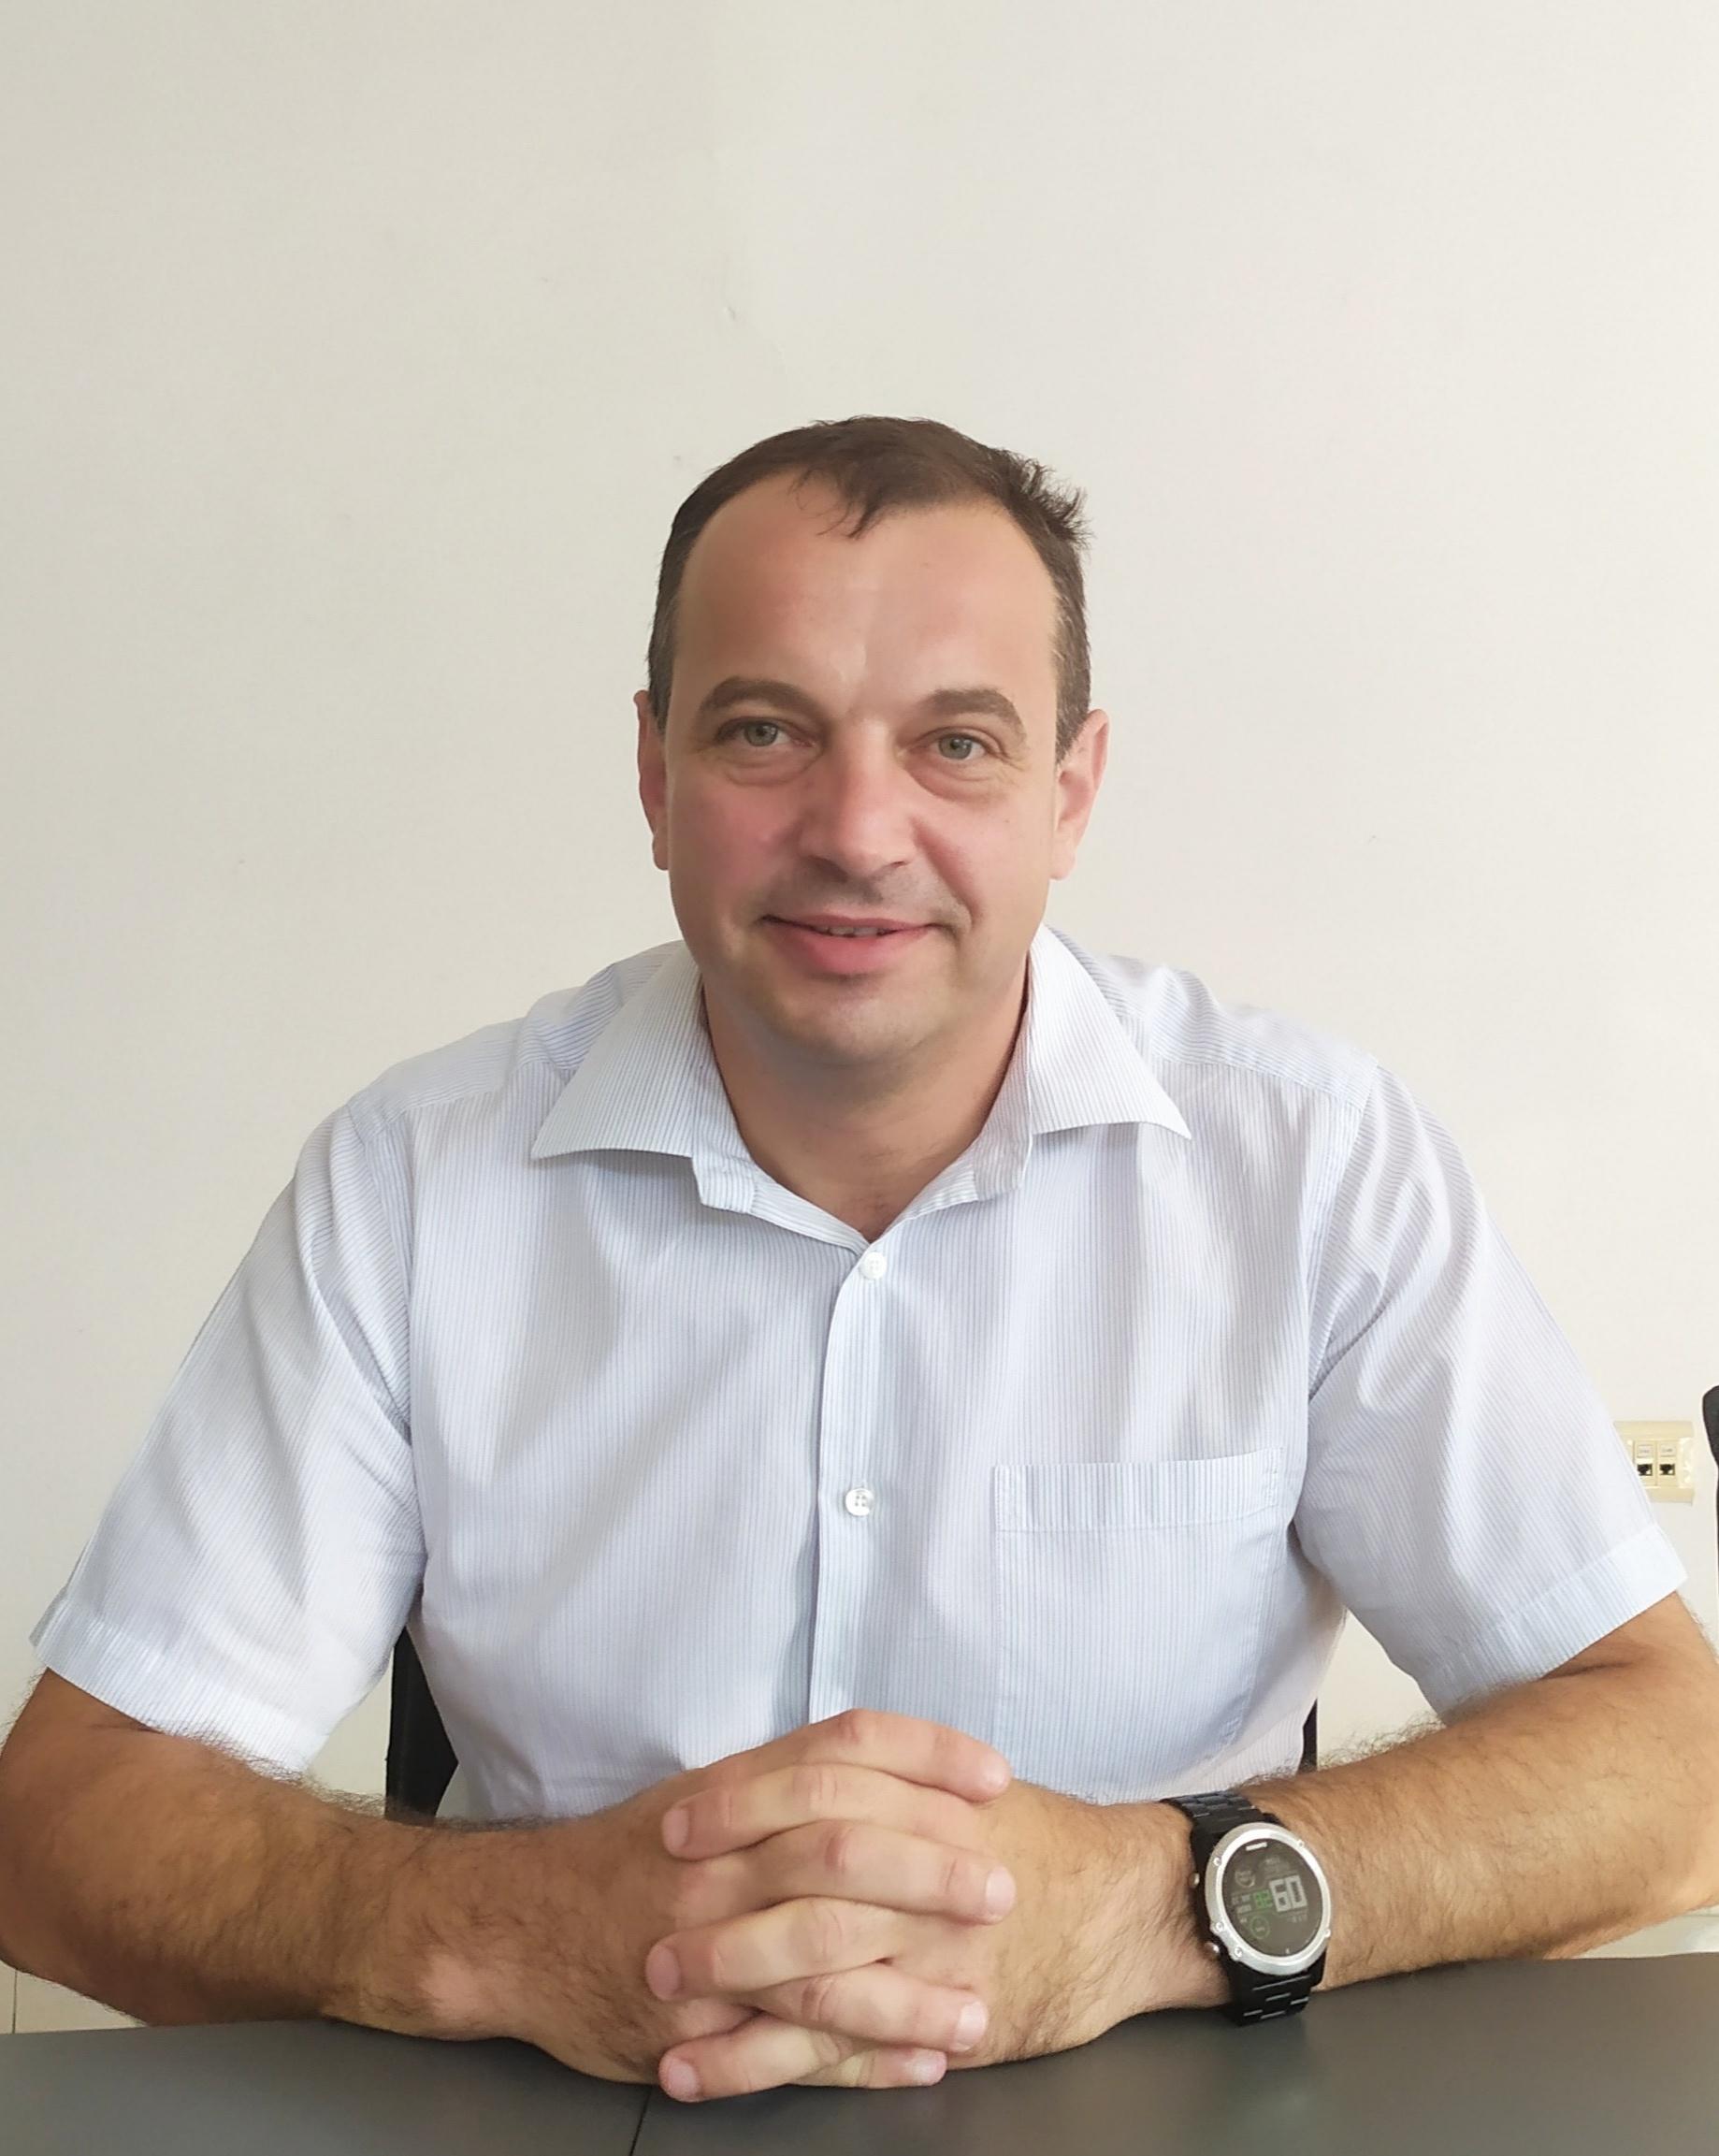 Д-р Росен Разбойников: За здрави вени – хидратация и движение